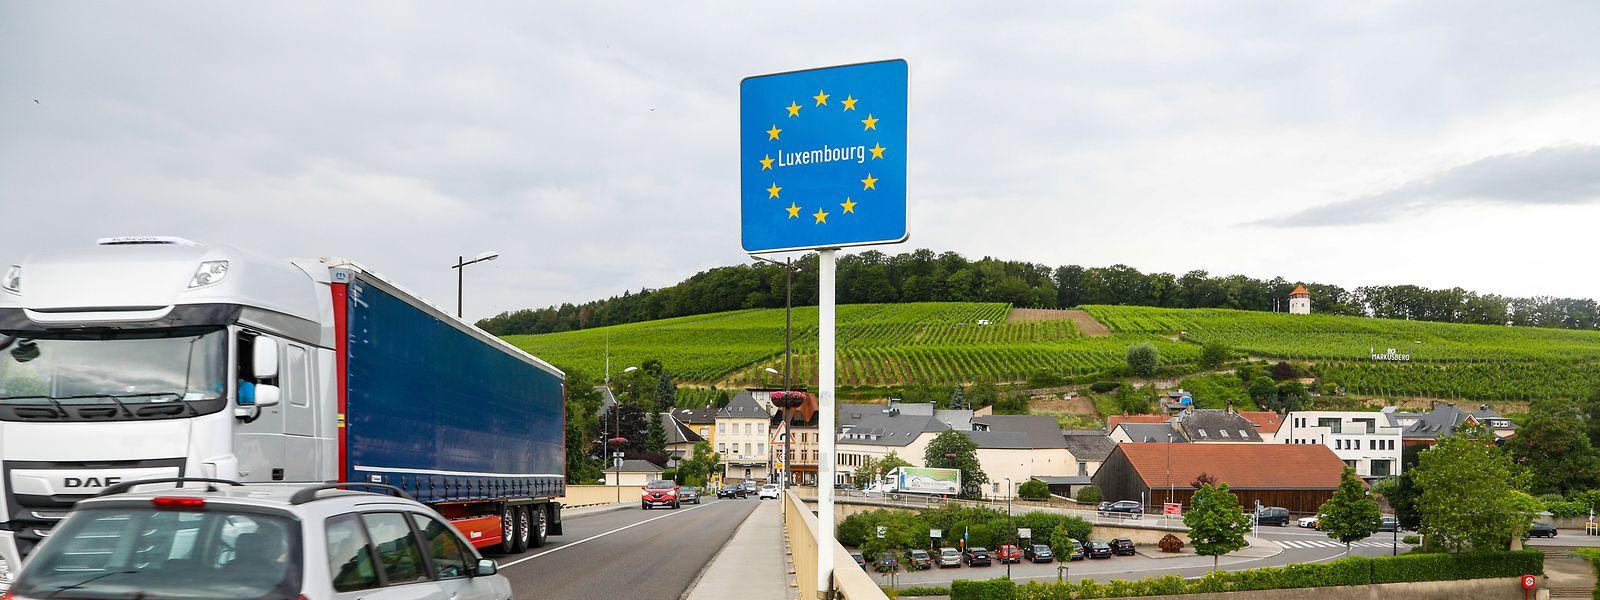 Seltener Ausblick: Erst, wenn der Berufsverkehr weg ist, läuft es reibungslos in Schengen.